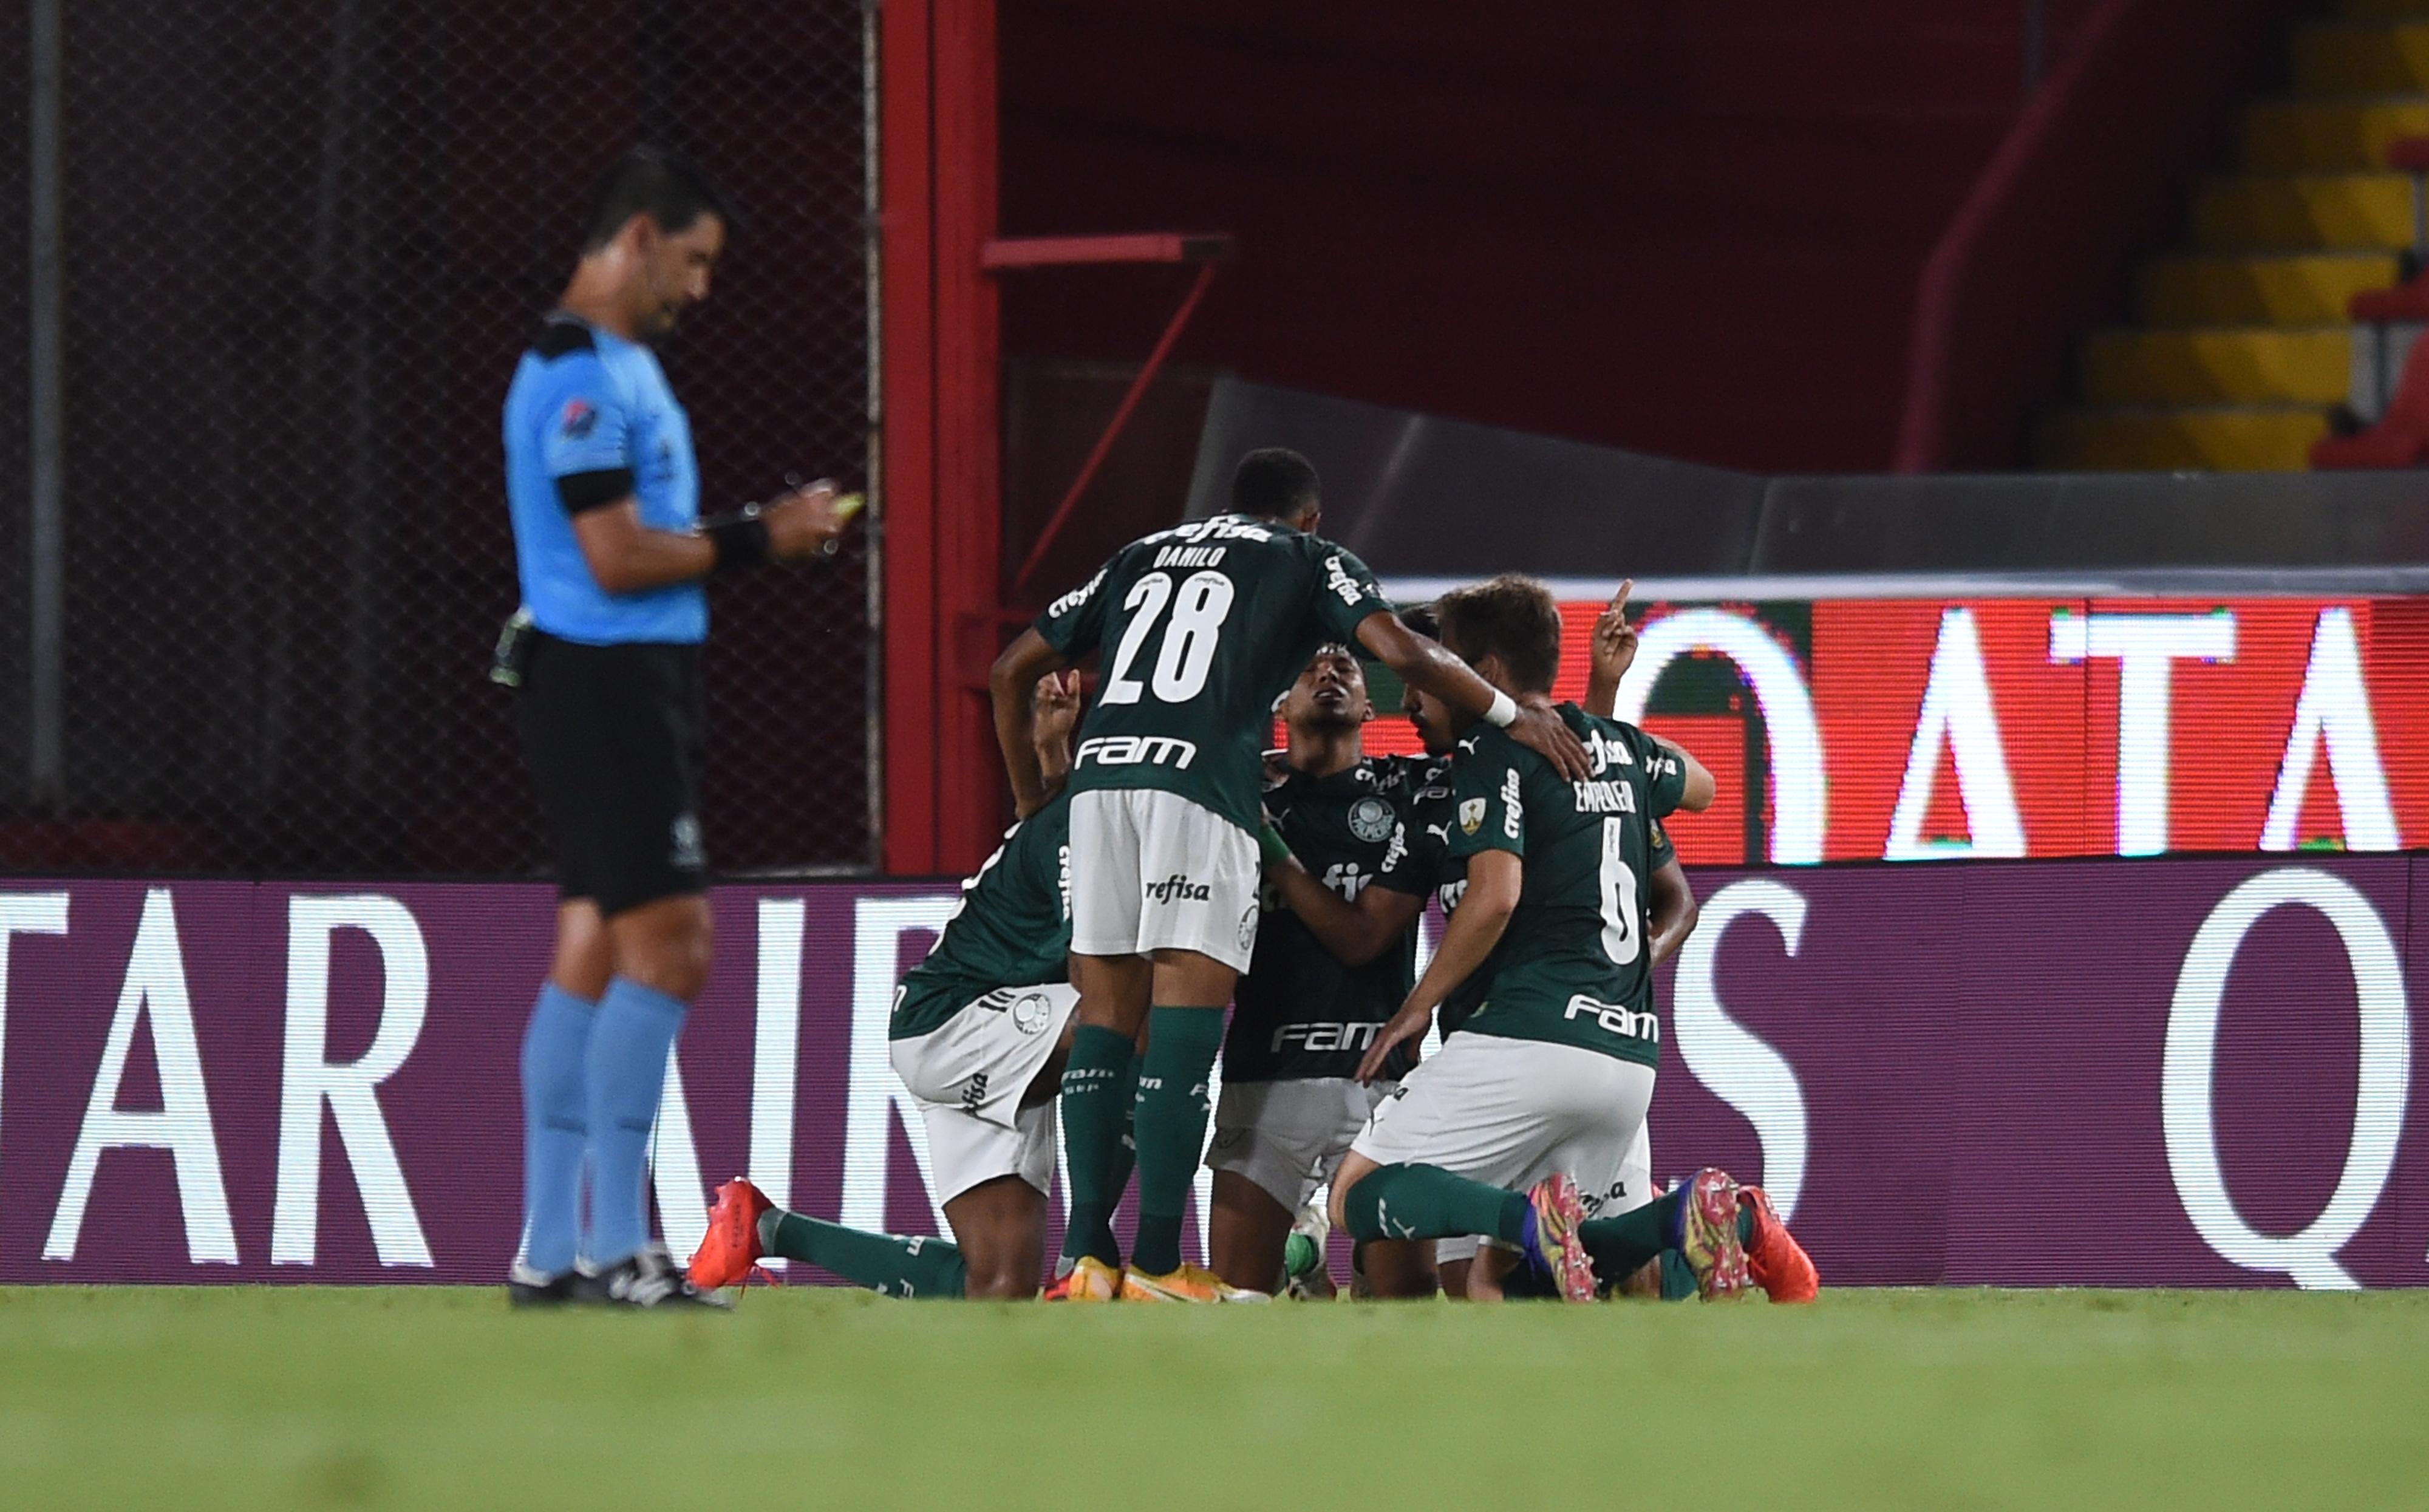 El cuadro brasileño sorprendió de visitante y definirá la serie con una ventaja de tres goles